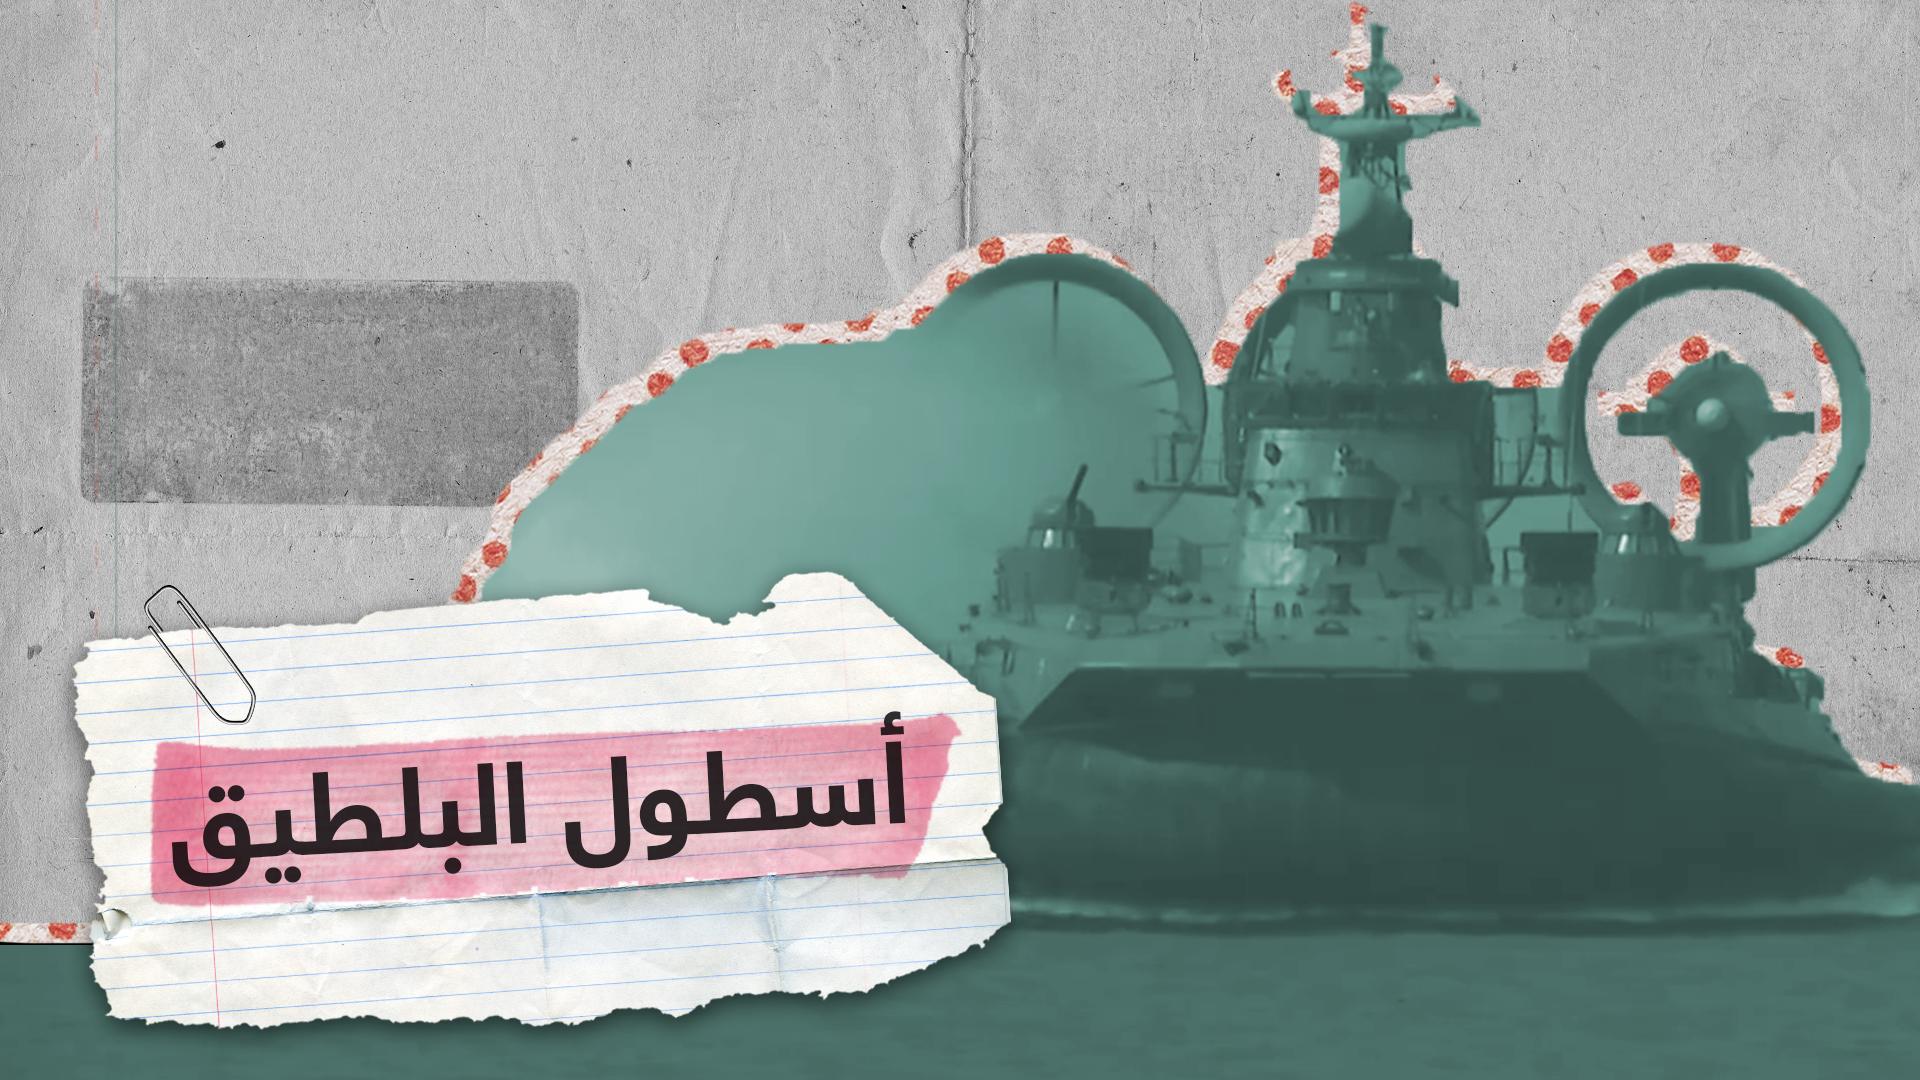 الأسطول الروسي يتدرب..  إنزال بحري بالمعدات الثقيلة